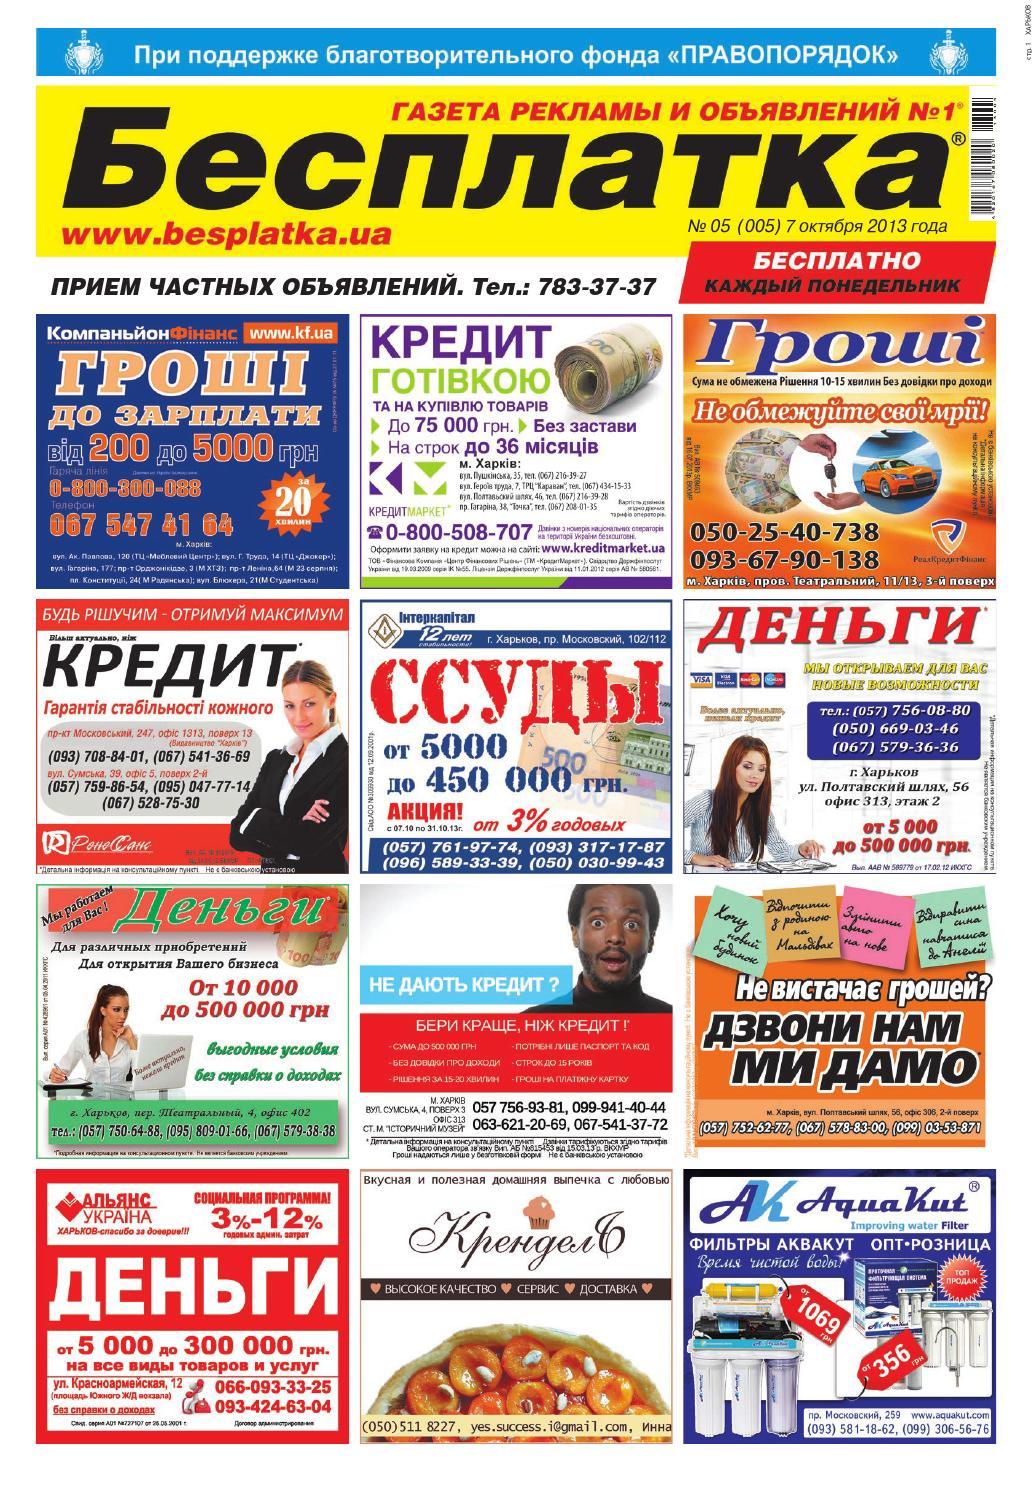 Besplatka kharkov 07 10 2013 by besplatka ukraine - issuu 07628fac515